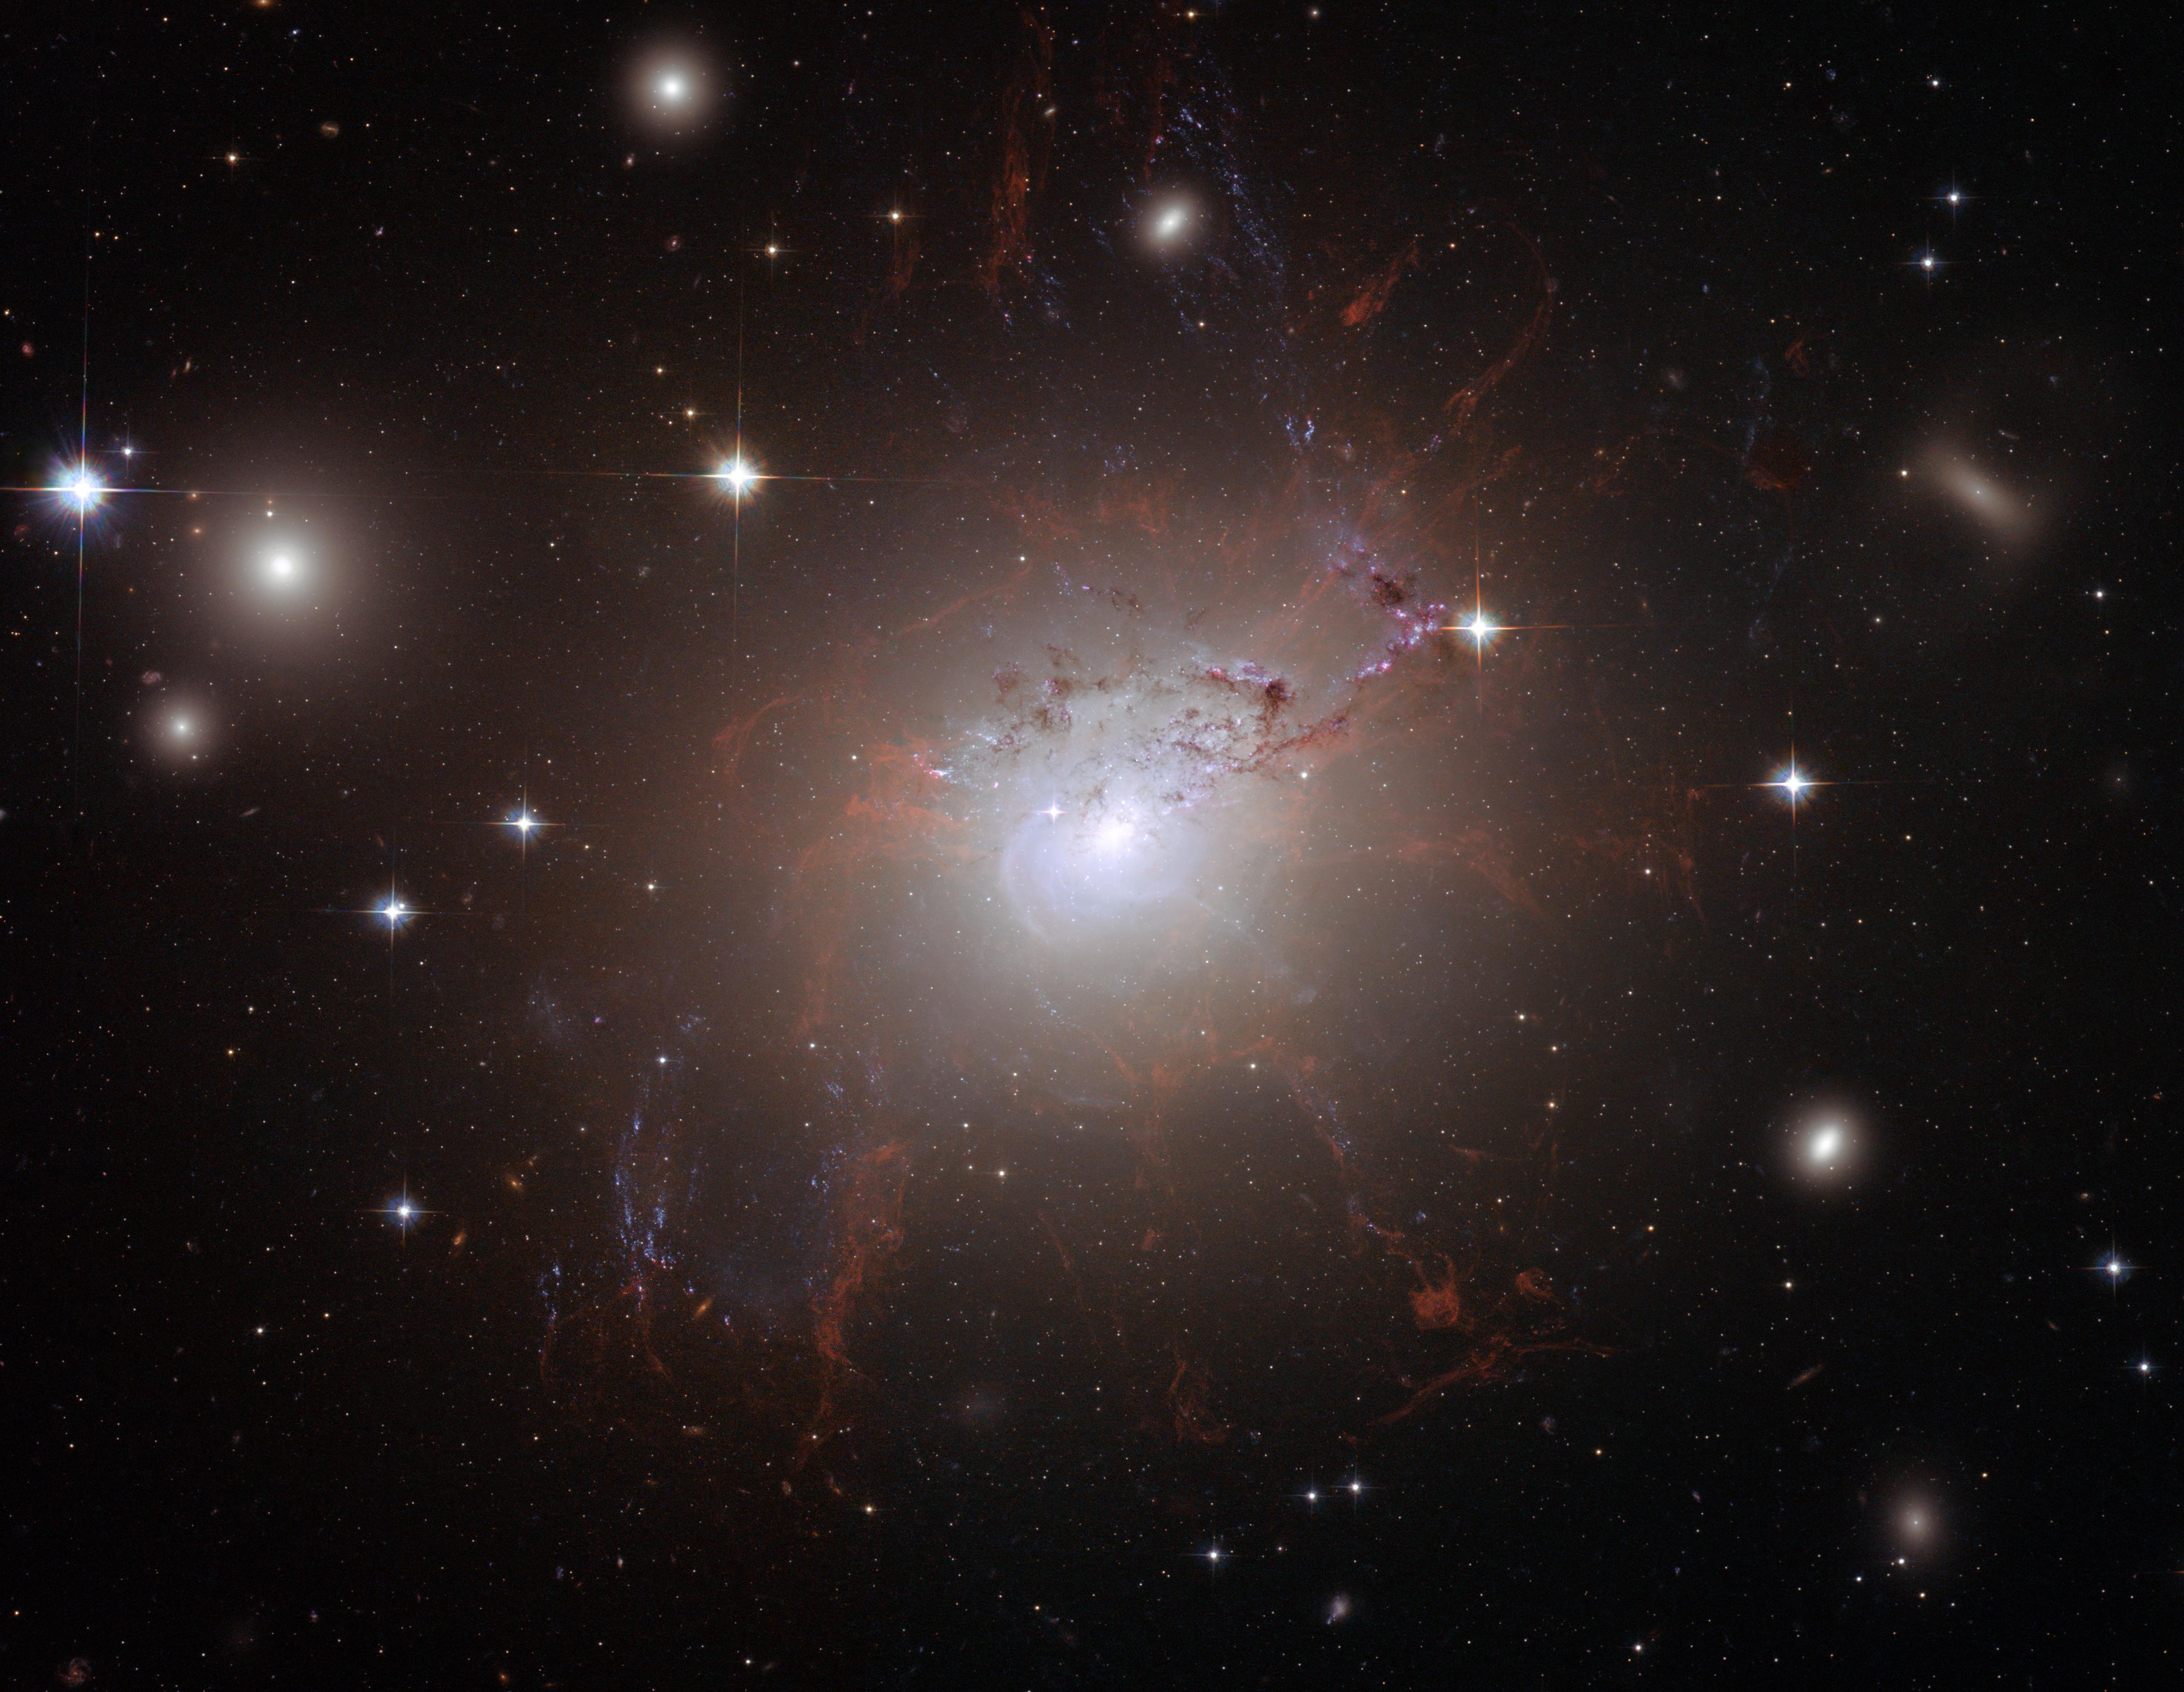 NGC_1275_Hubble.jpg